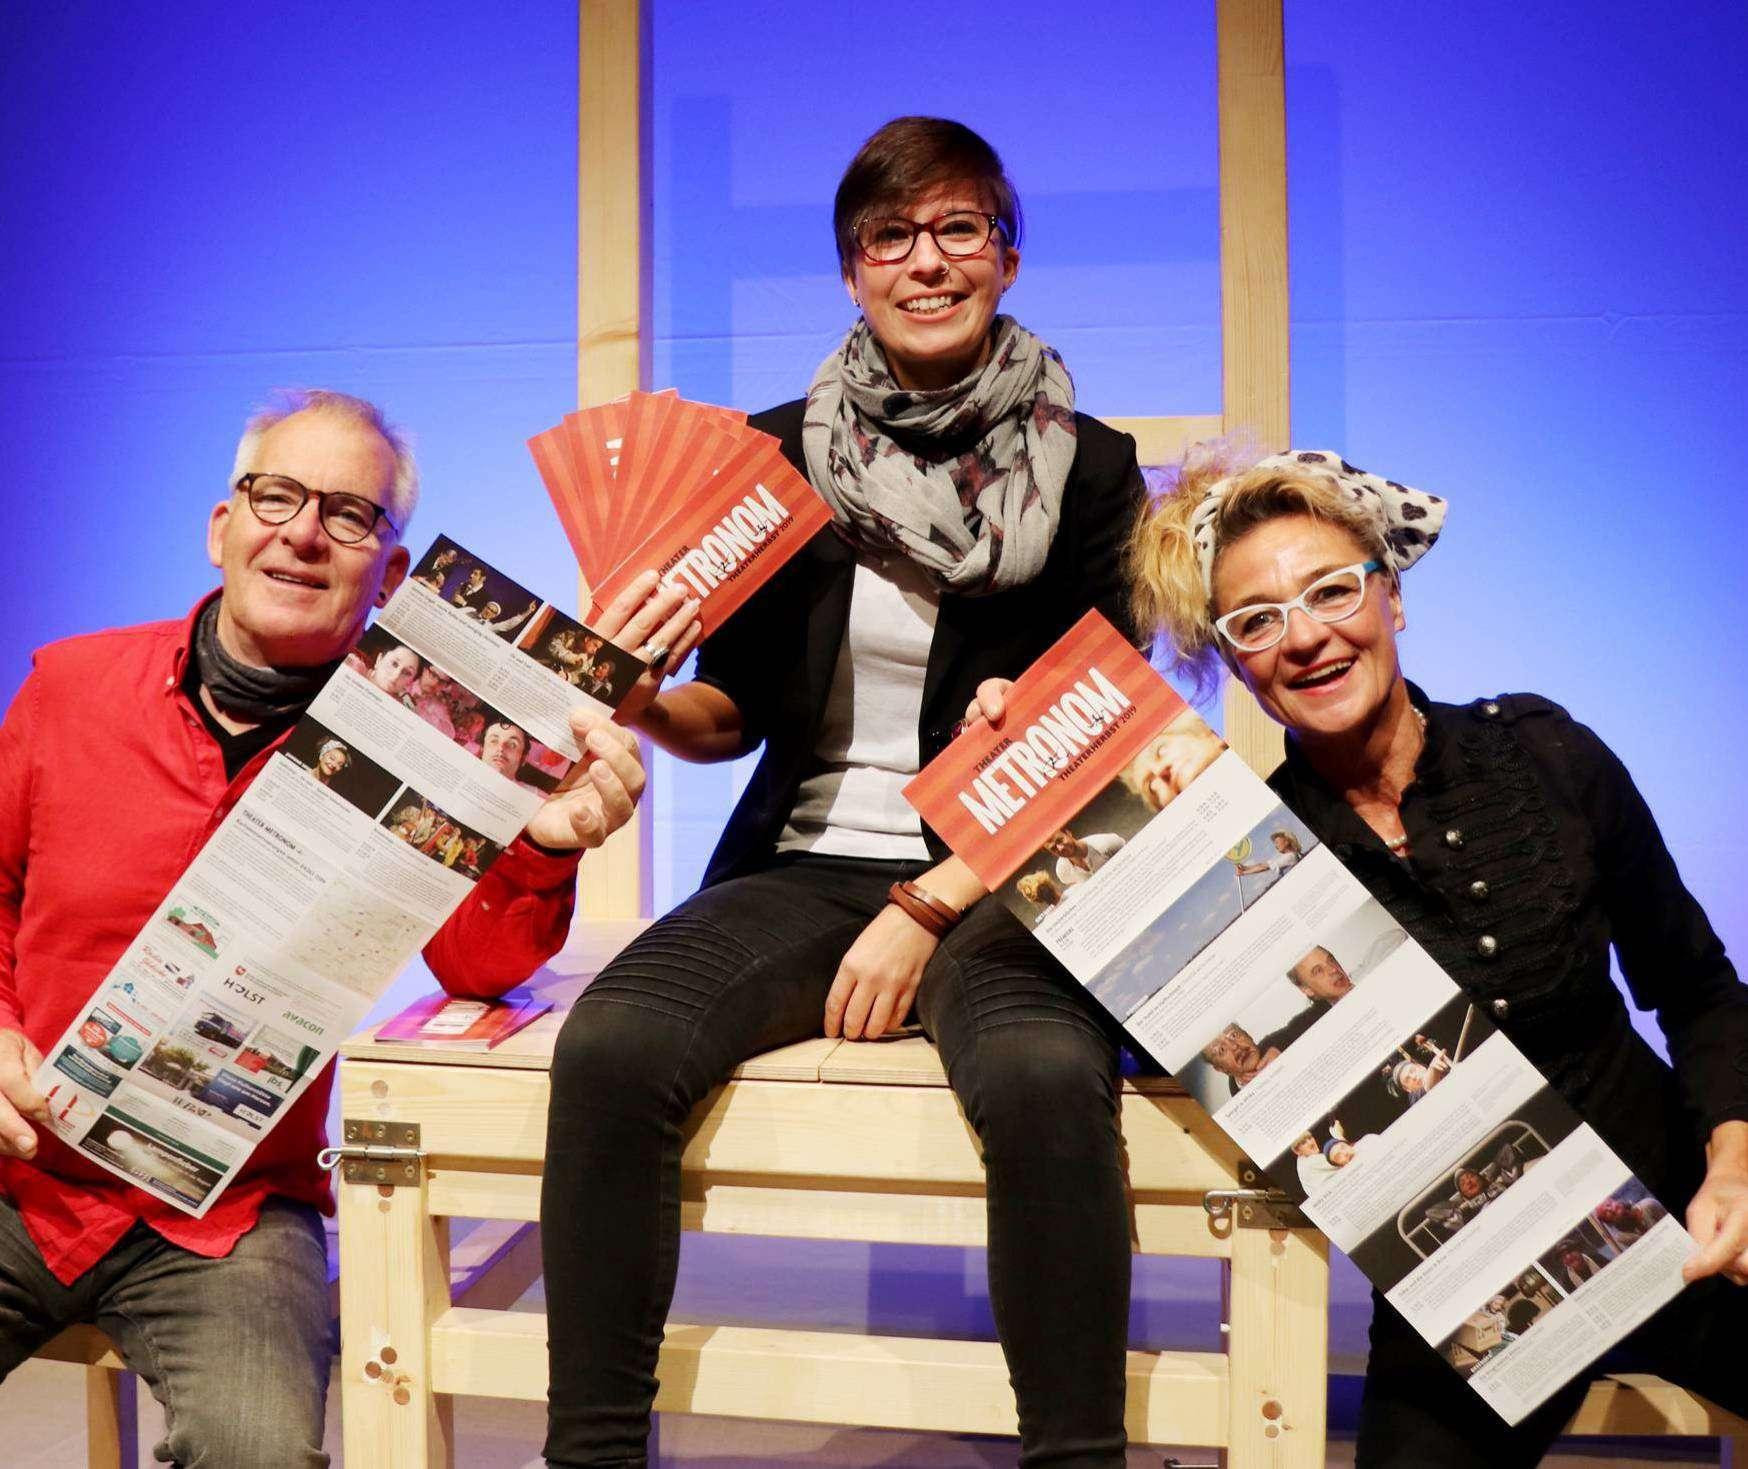 Andreas Goehrt (von links), Tomke Heeren und Karin Schroeder starten mit dem neuen Spielplan in den Theaterherbst. Foto: Nina Baucke